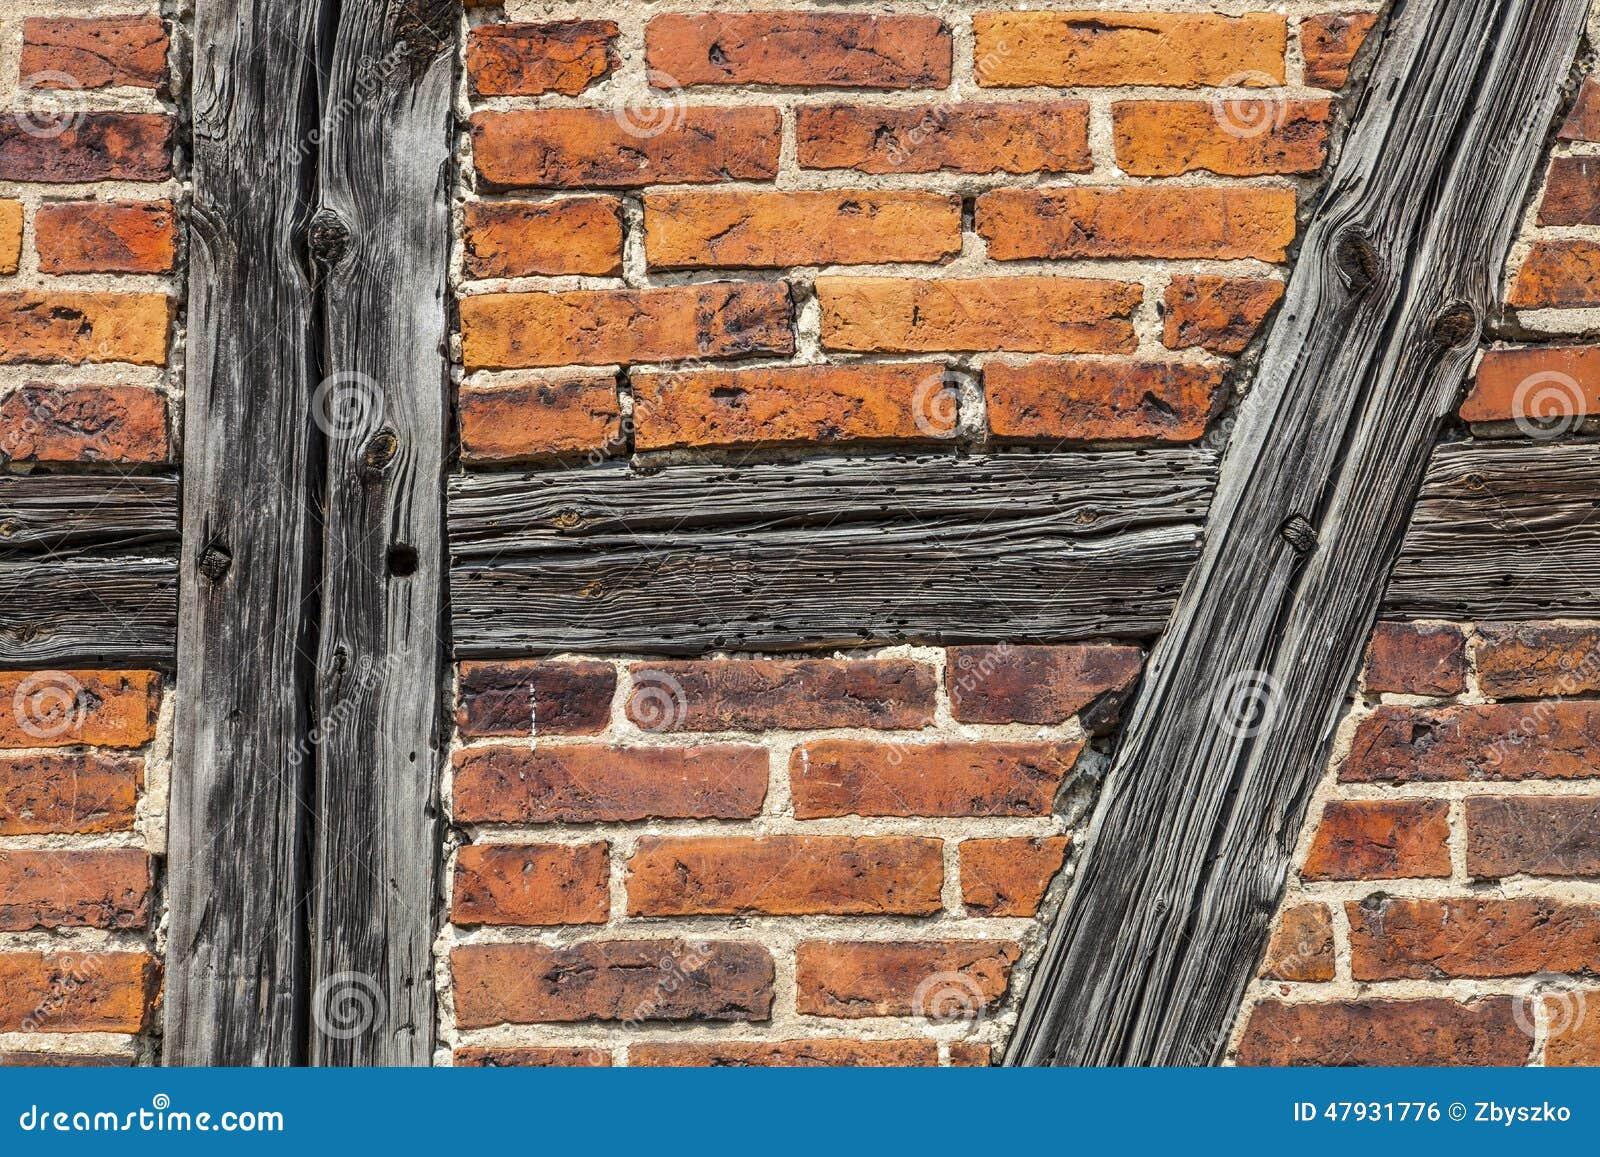 Ladrillos y barras de madera de la pared vieja foto de - Barras de madera ...